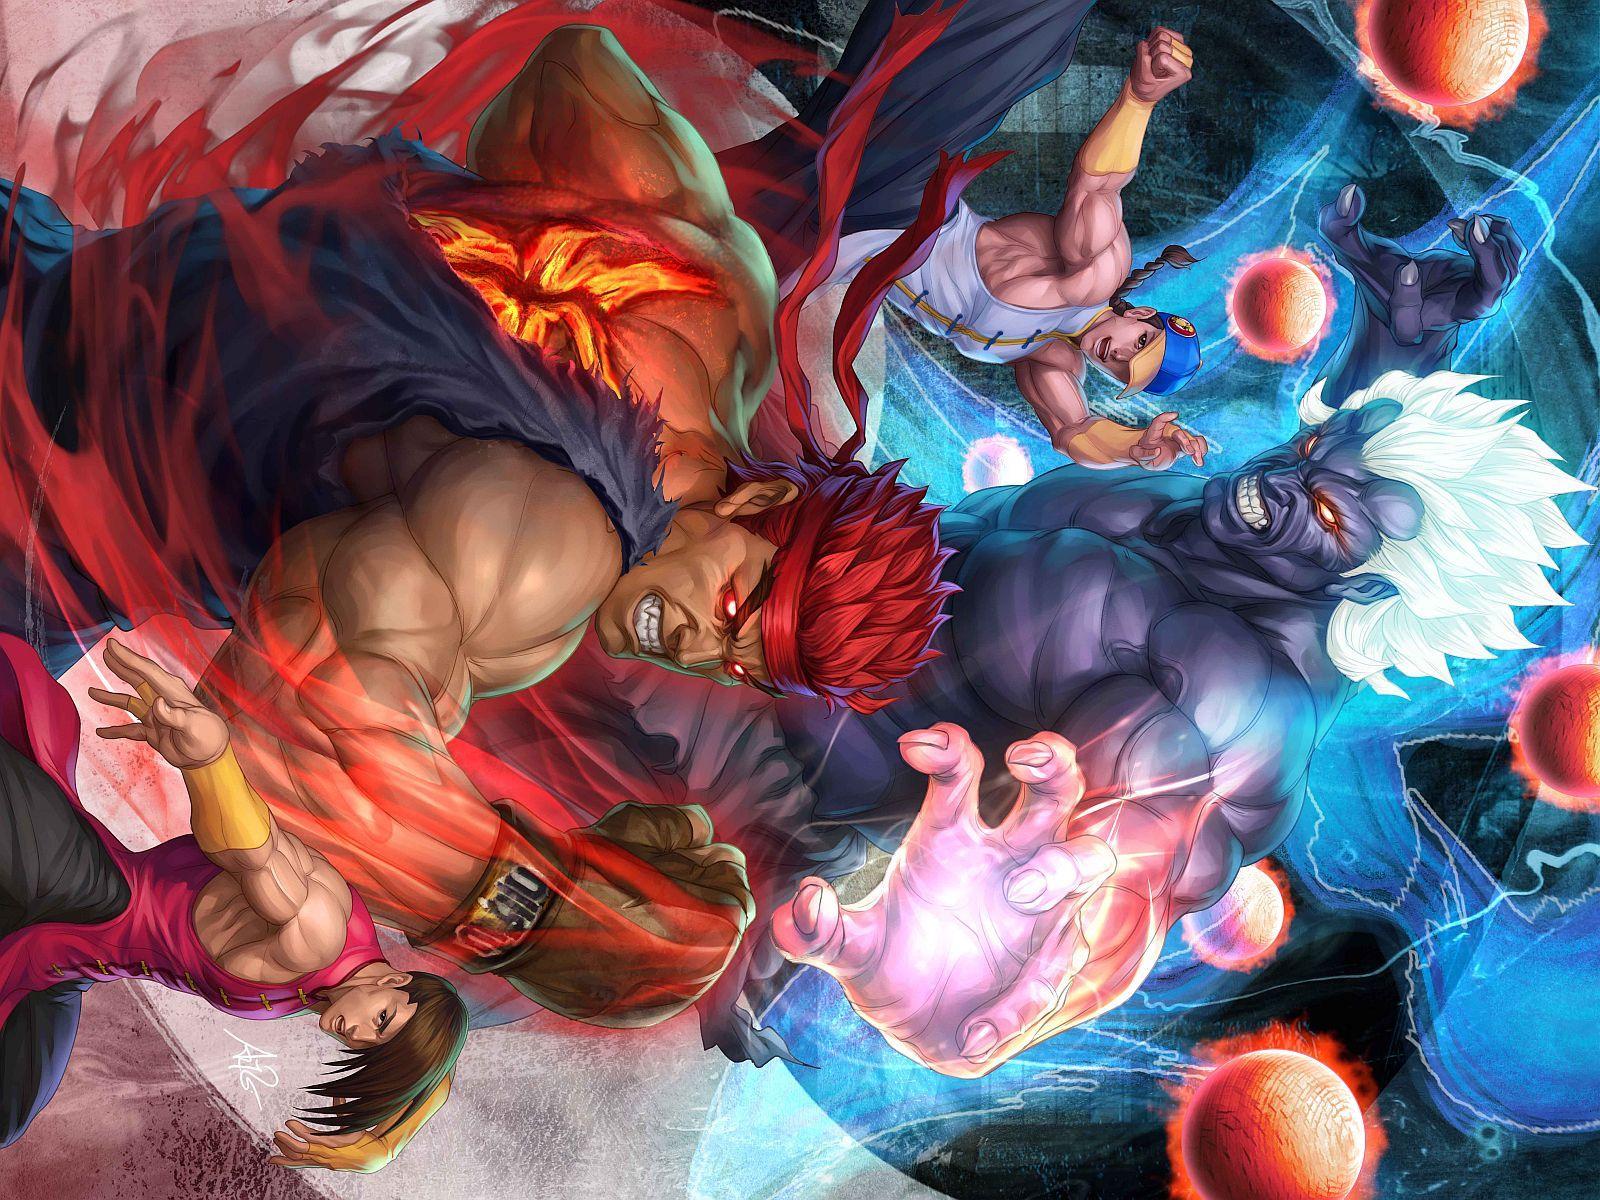 street fighter artgerm evil ryu wallpaper | 1600x1200 | 219524